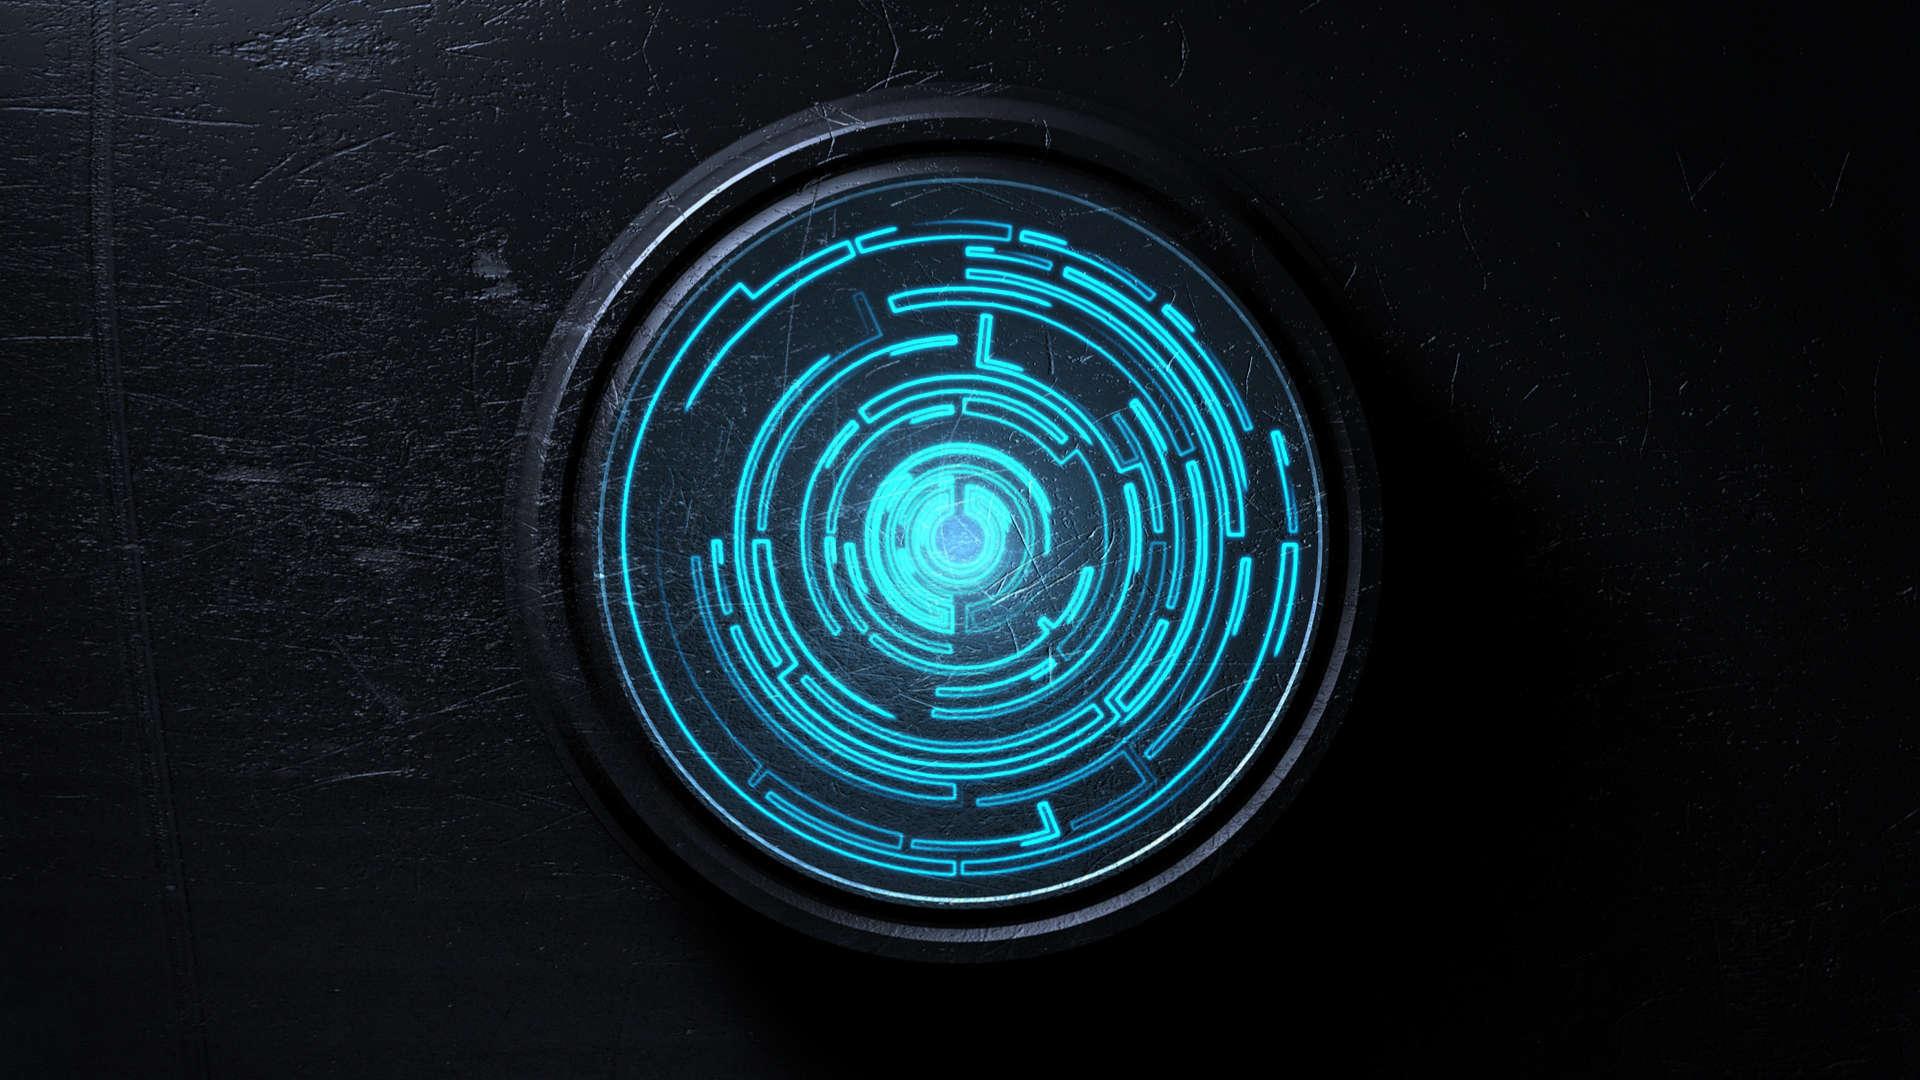 Pendulum-In-Silico-Sumbol-Logo-Hd-1080p-wallpaper-wpc9008402